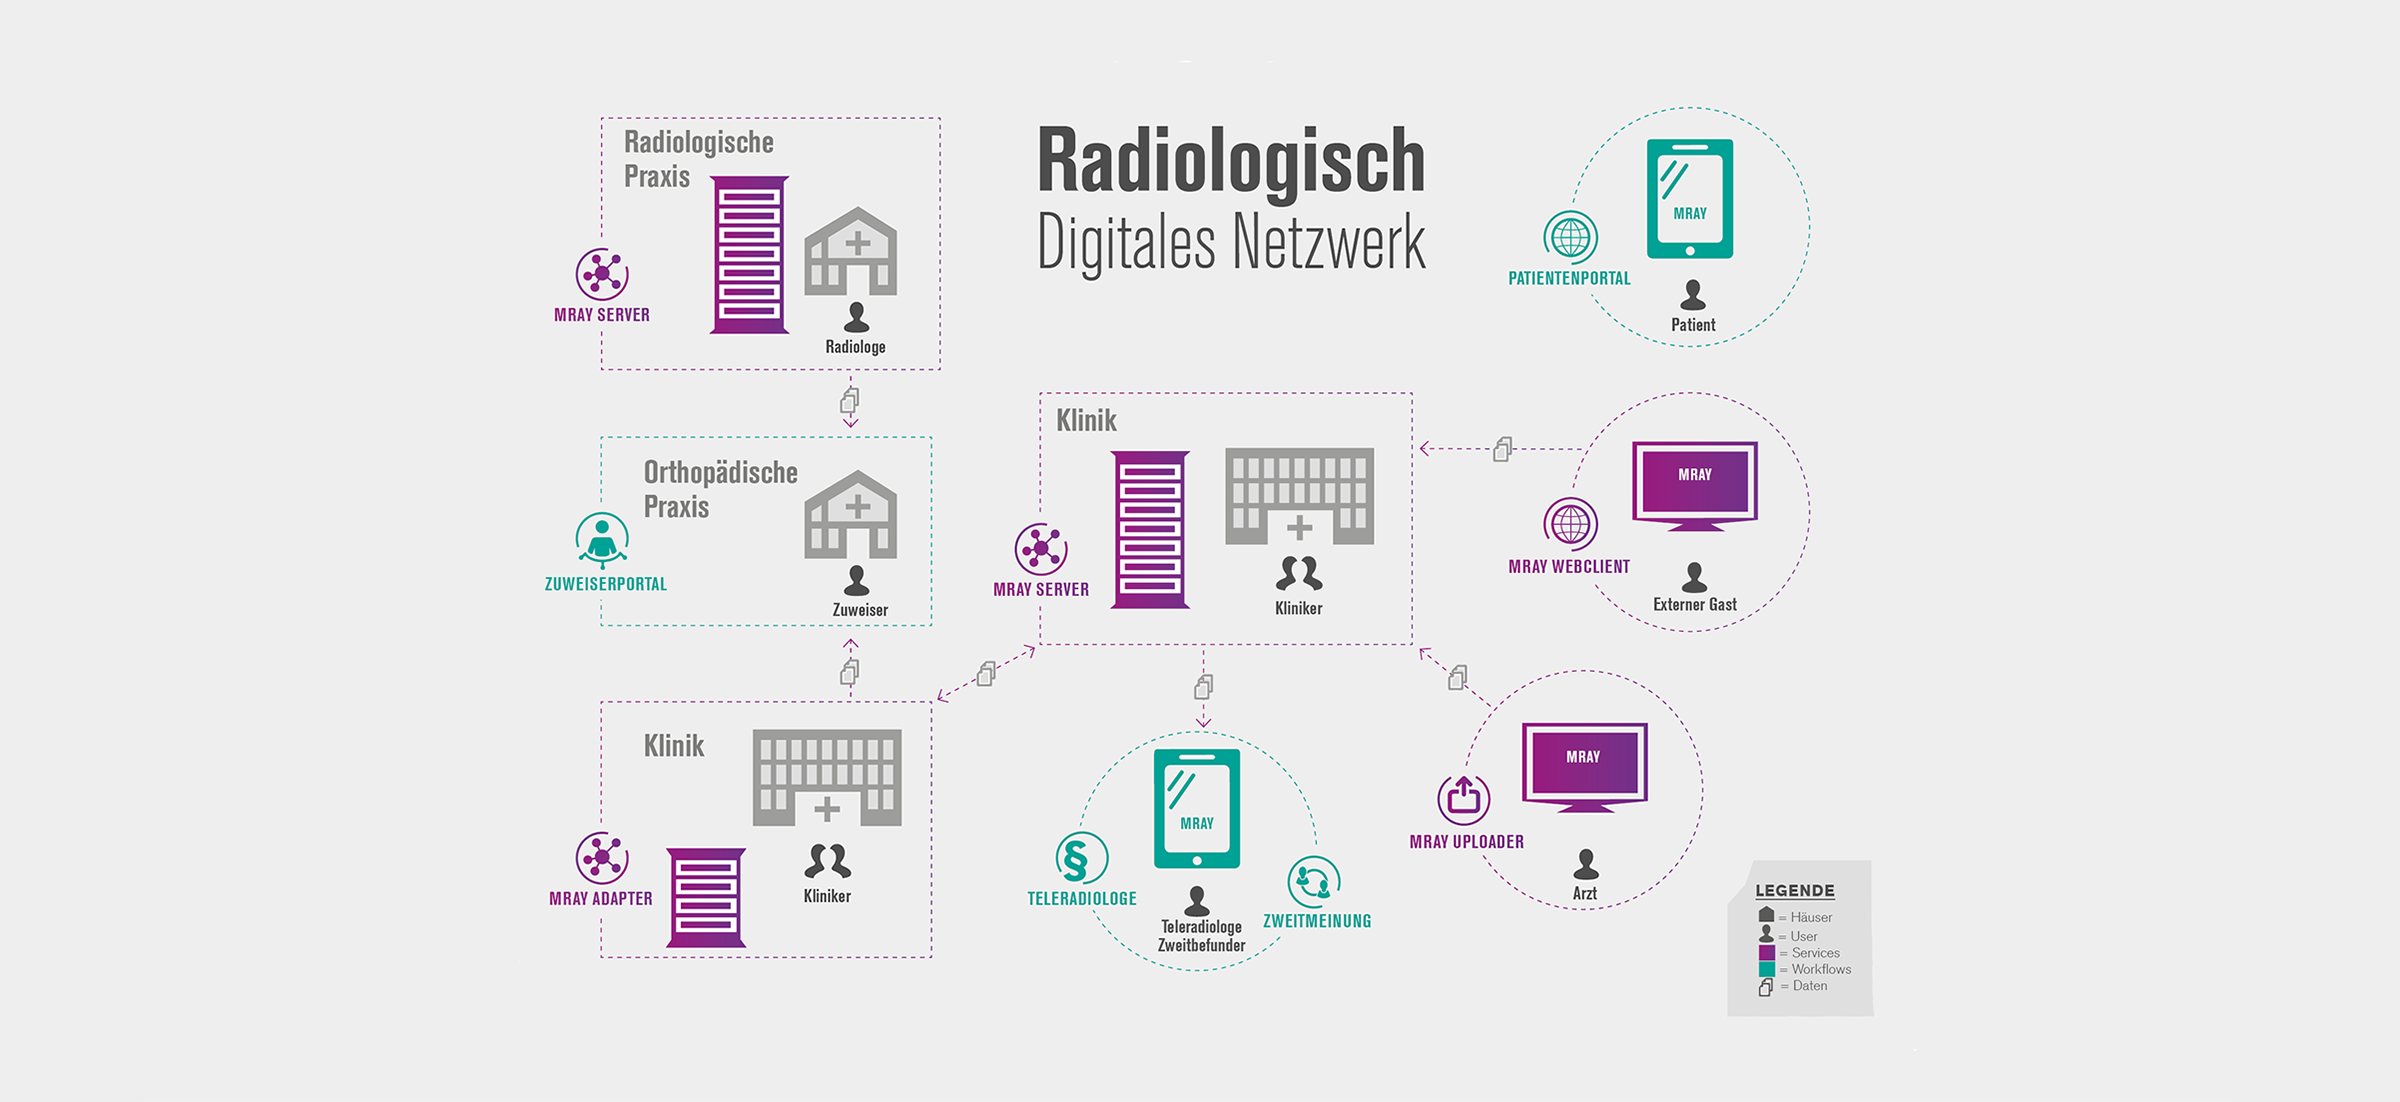 Zeichnung digitales Netzwerk für die it und den support in kliniken